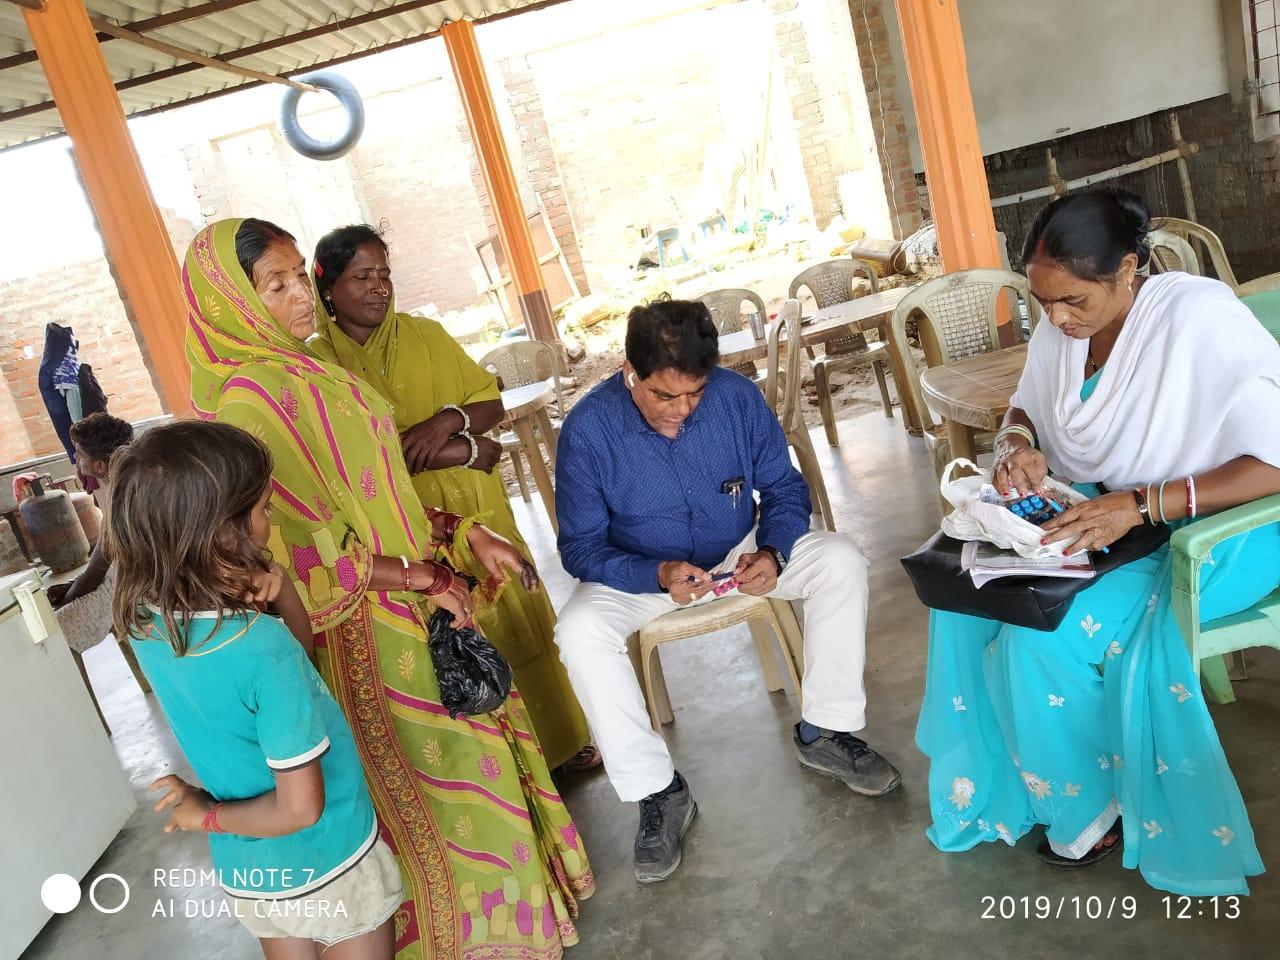 बाढ़ पीड़ितों के घर तक पहुंचा स्वास्थ्य सेवा,